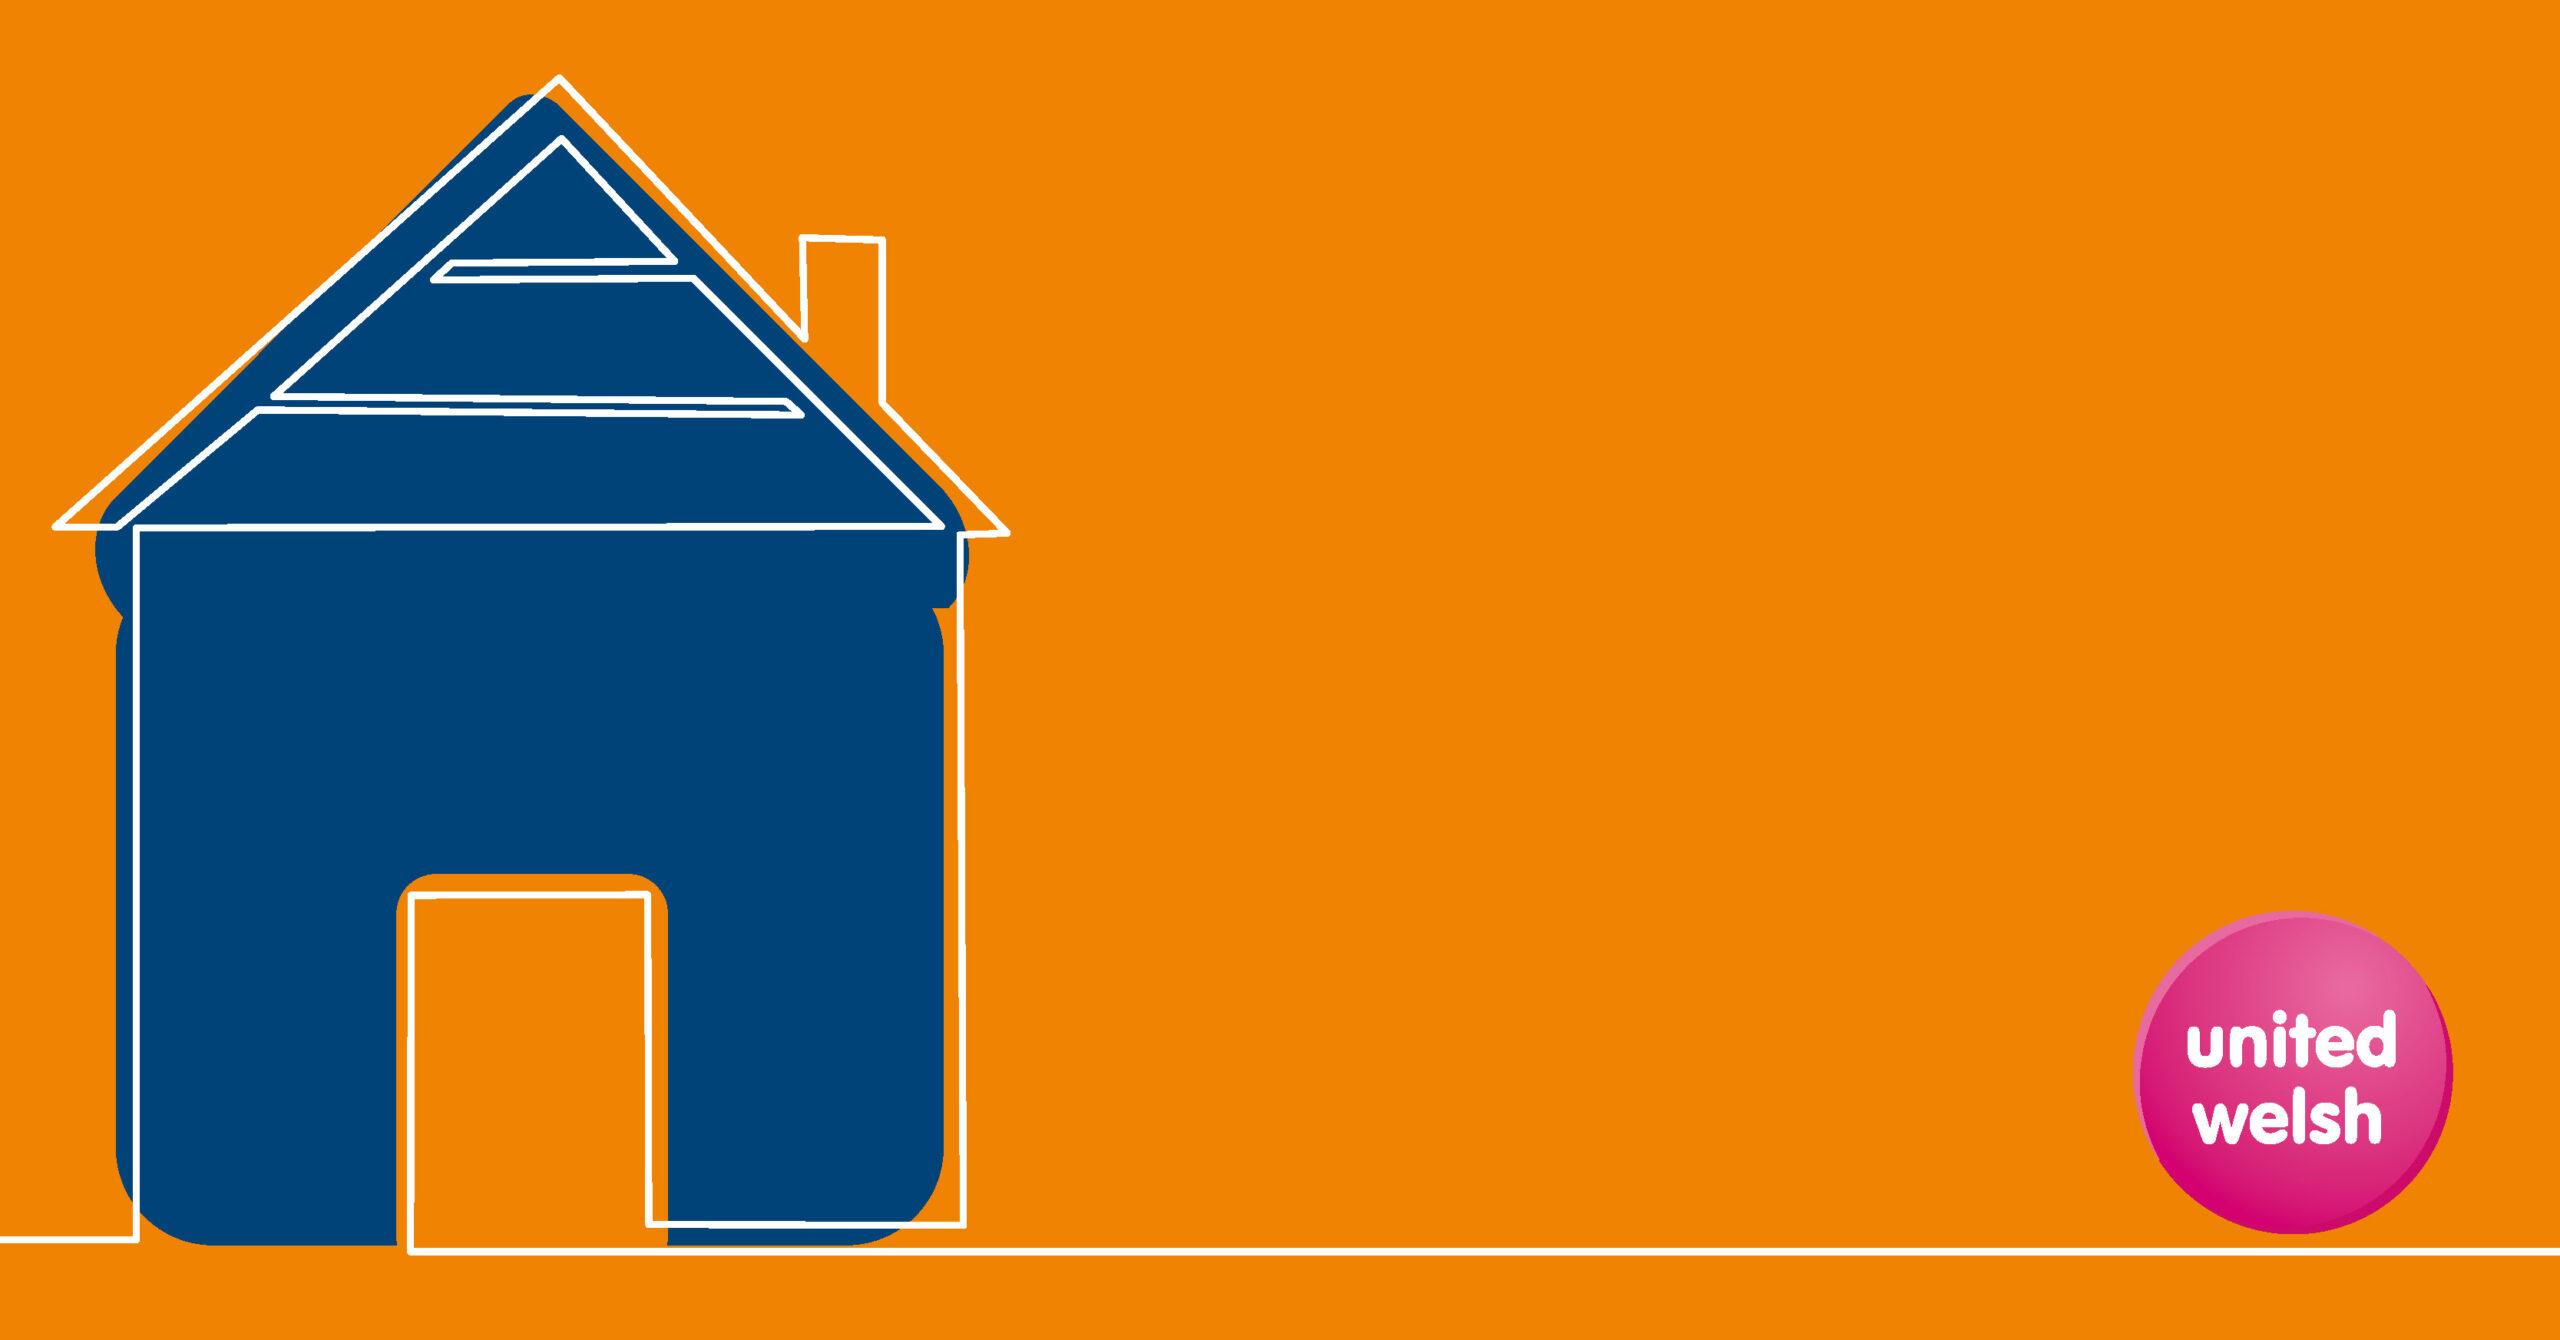 Blue house on orange background with United Welsh logo